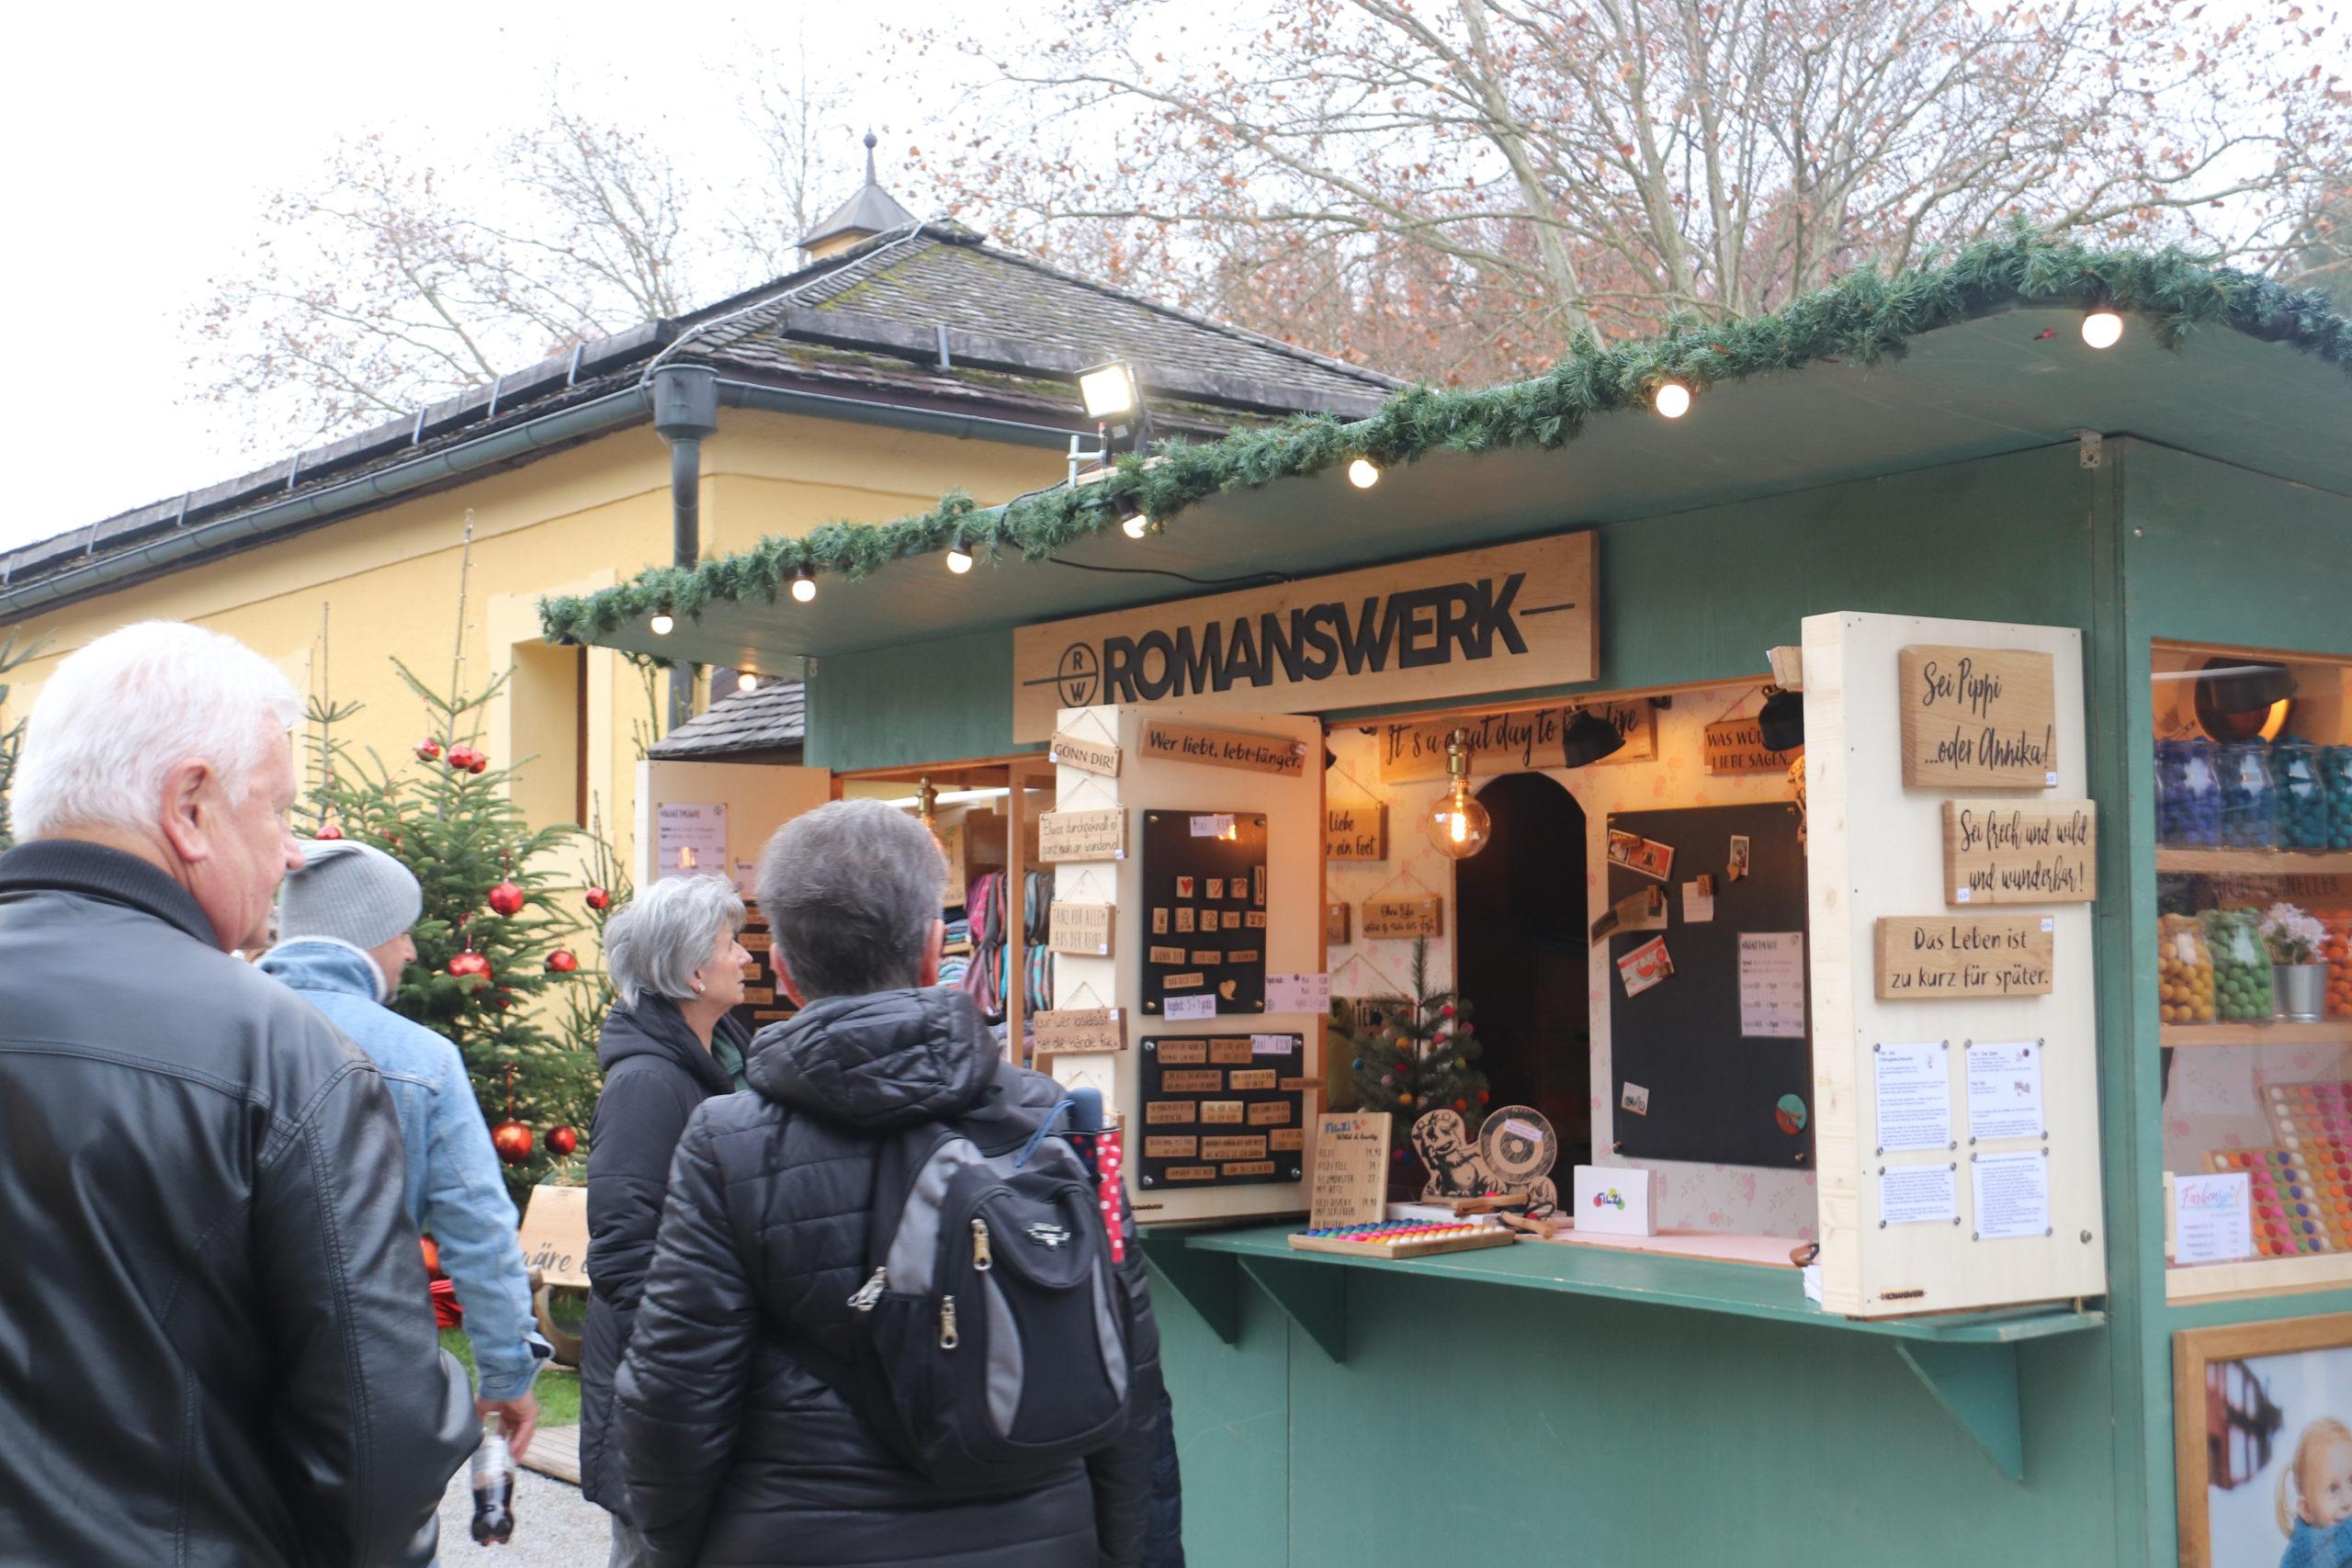 © Martina Egger - der Stand von Romanswerk am Helbrunner Adventmark kommt gut an